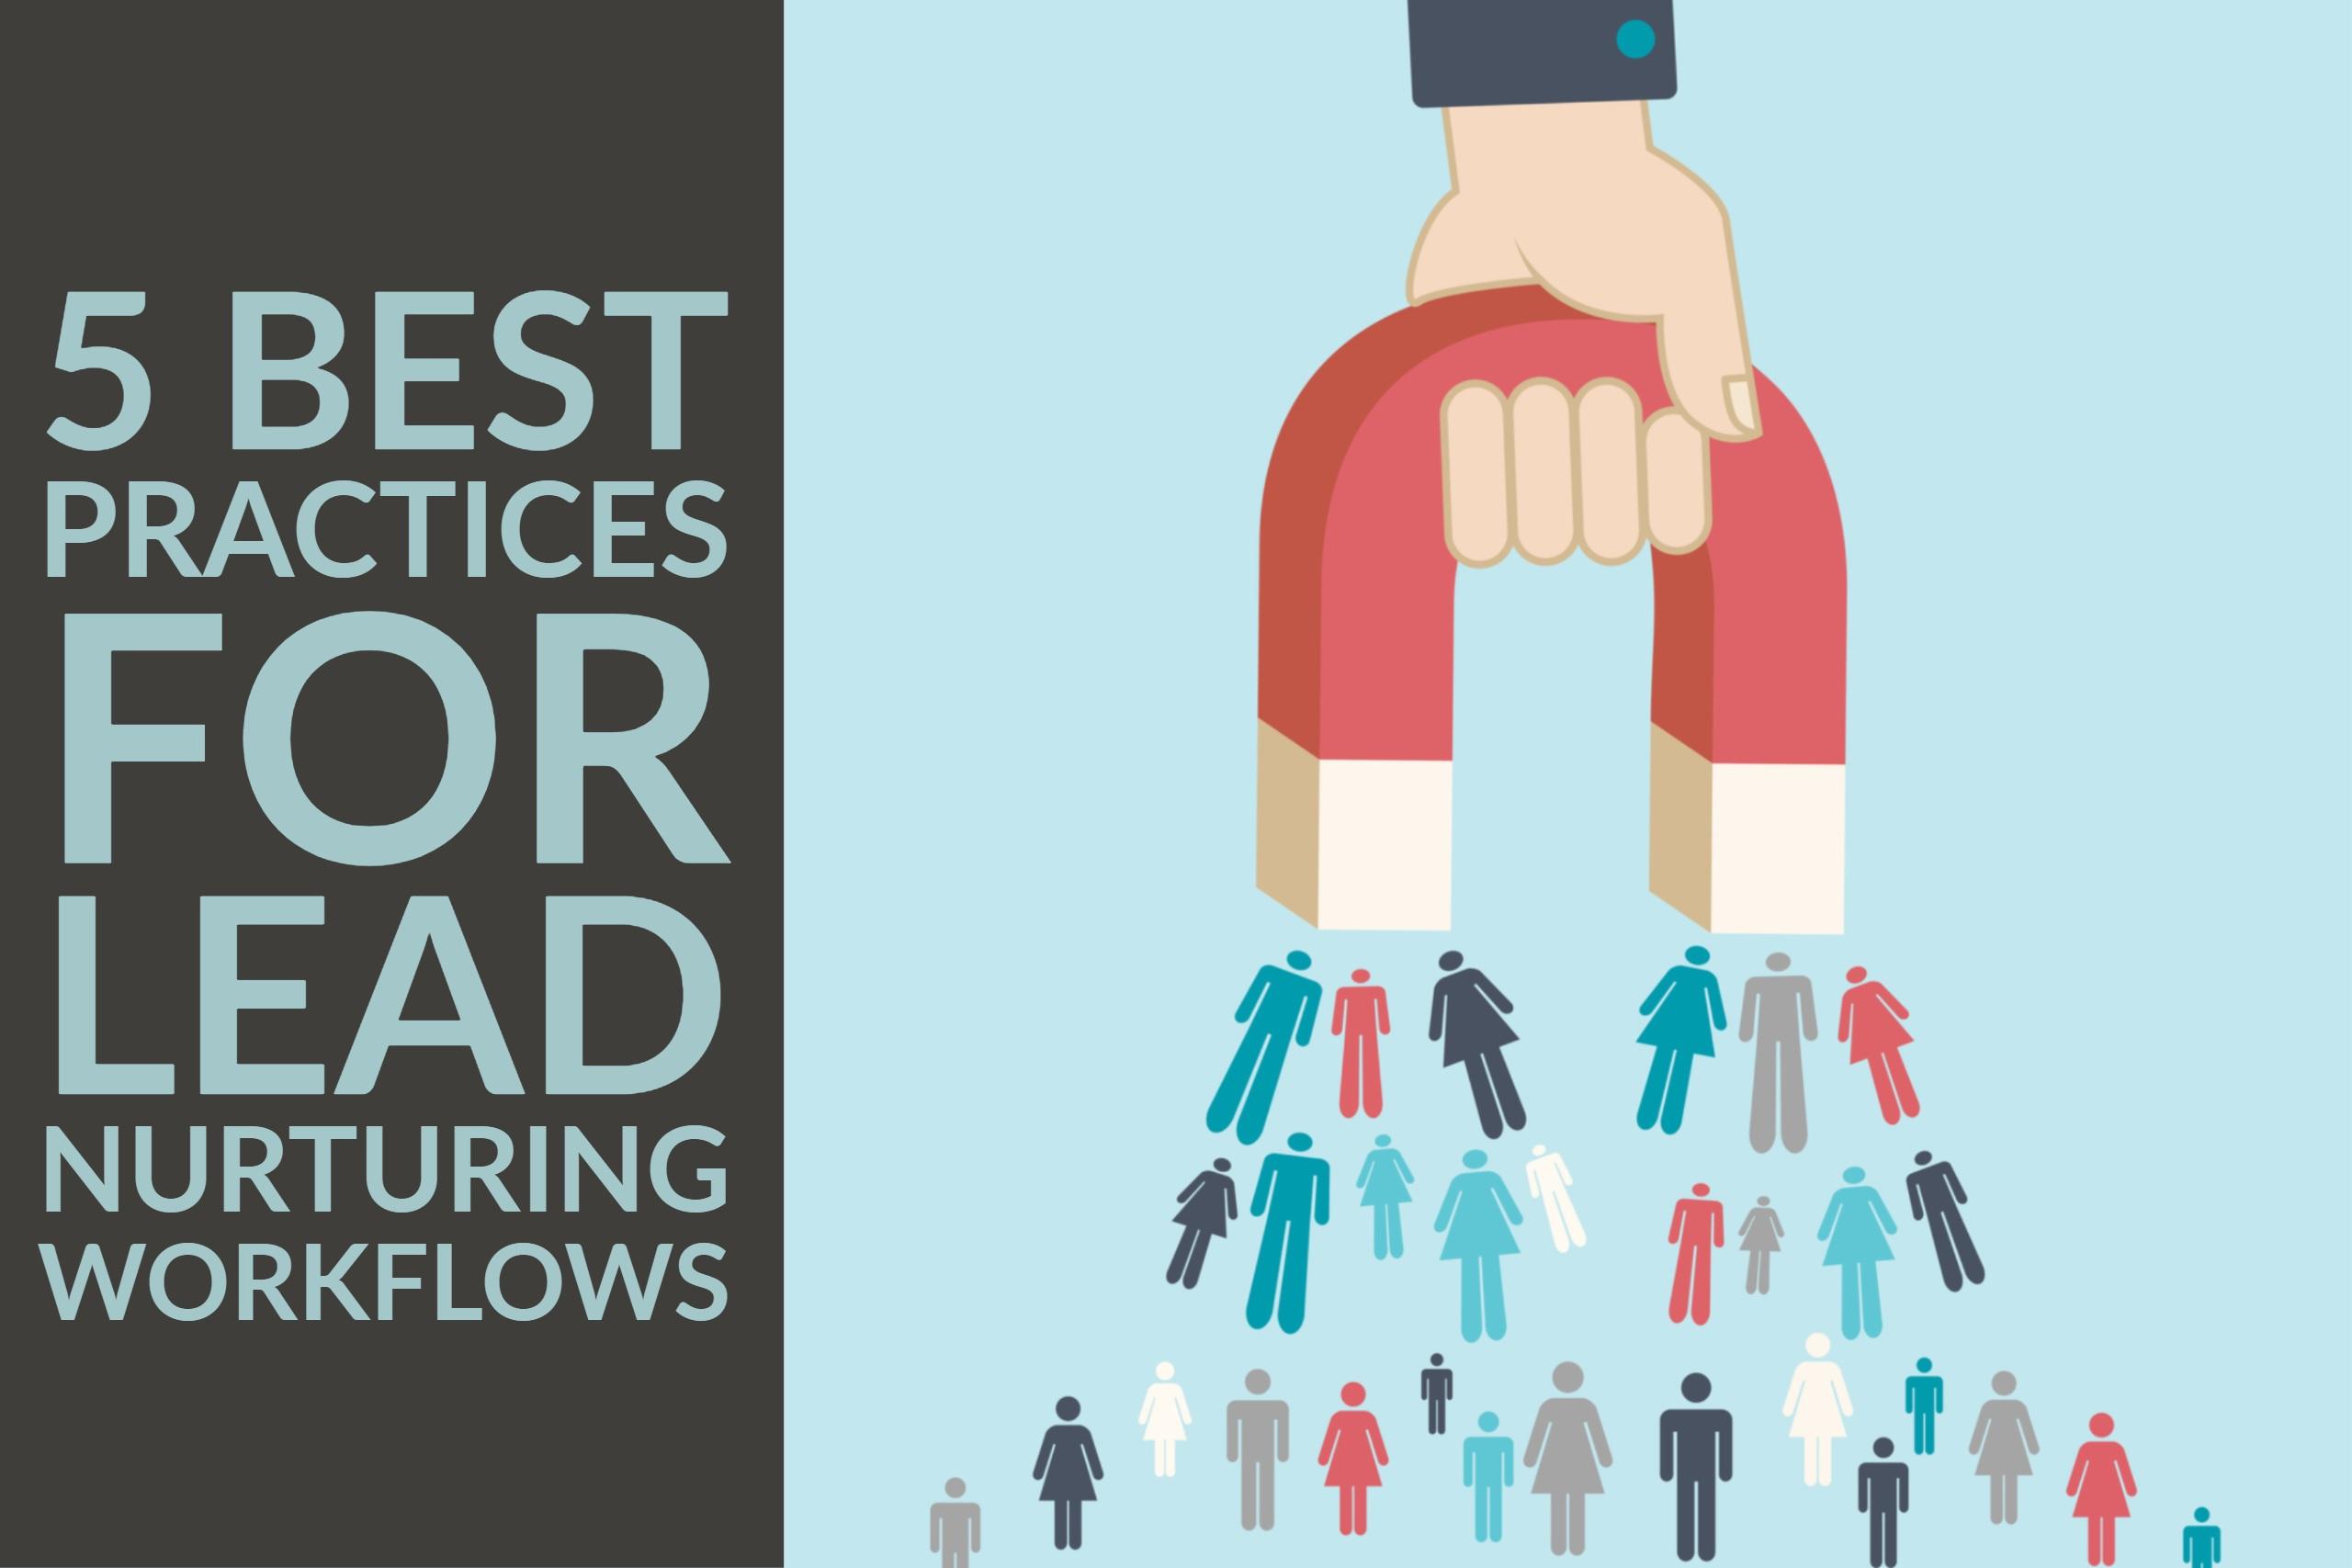 5 Best Practices For Lead Nurturing Workflows